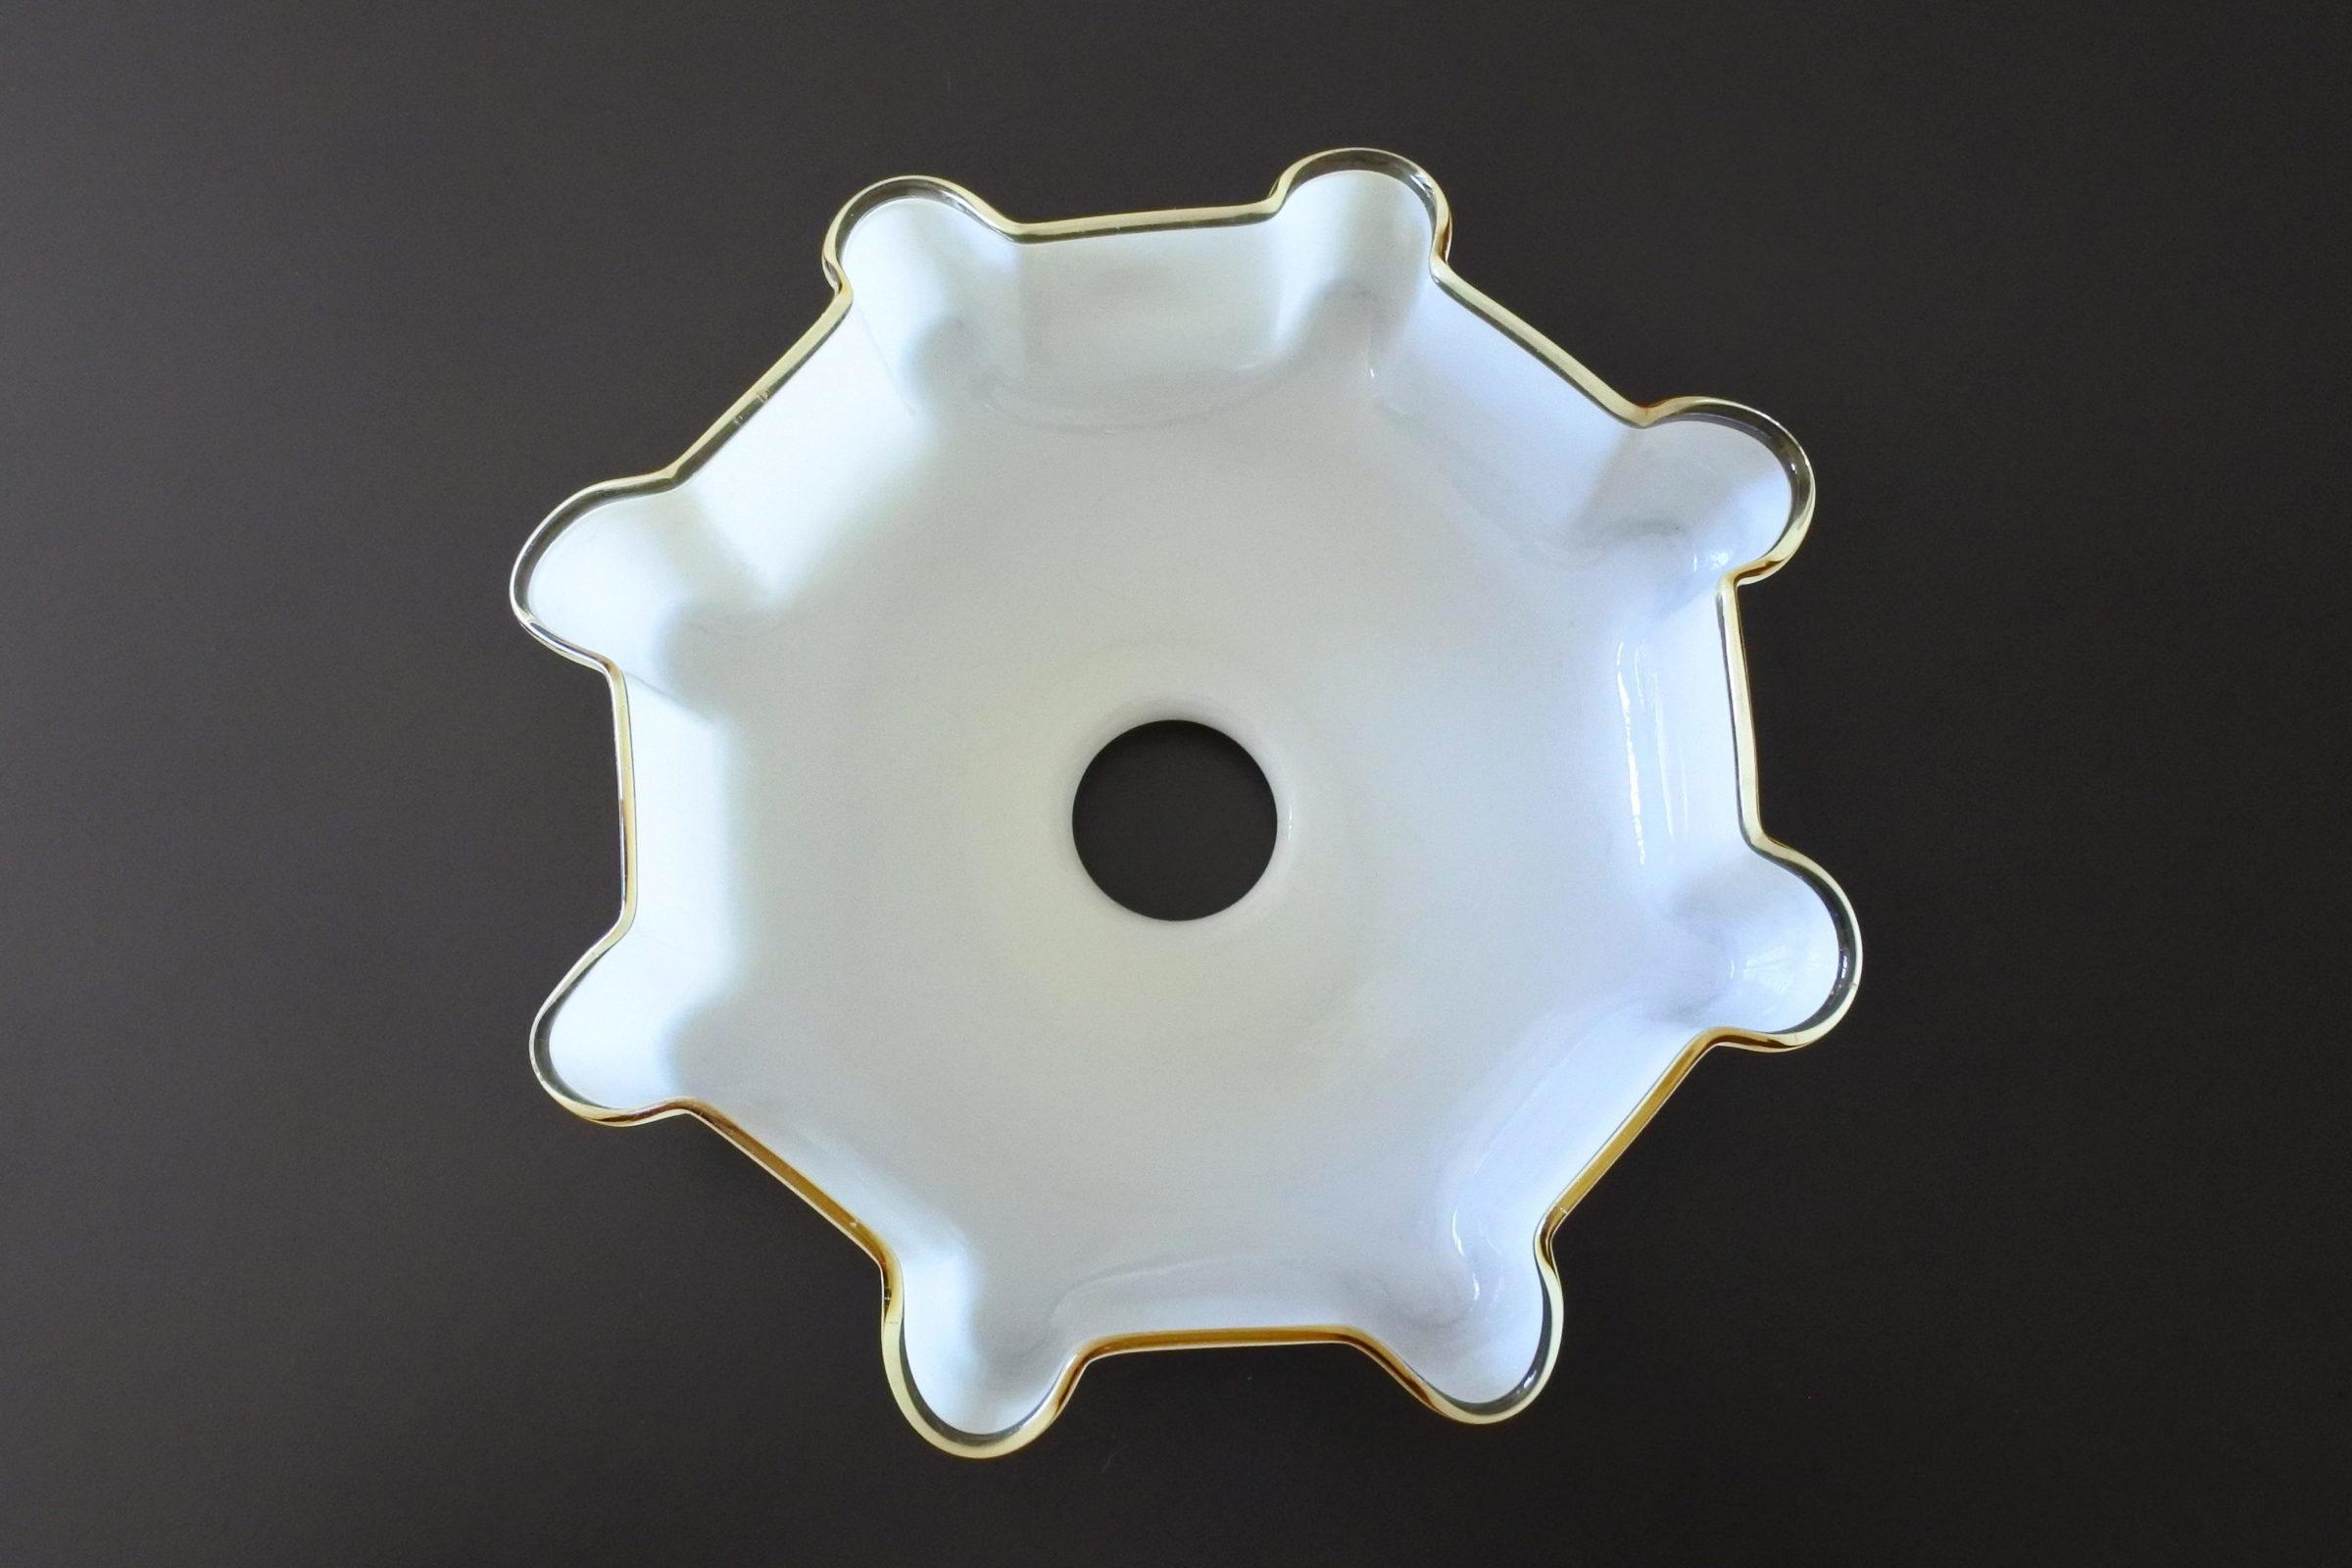 Vetro opalino incamiciato beige e bianco per lampada a sospensione - 2